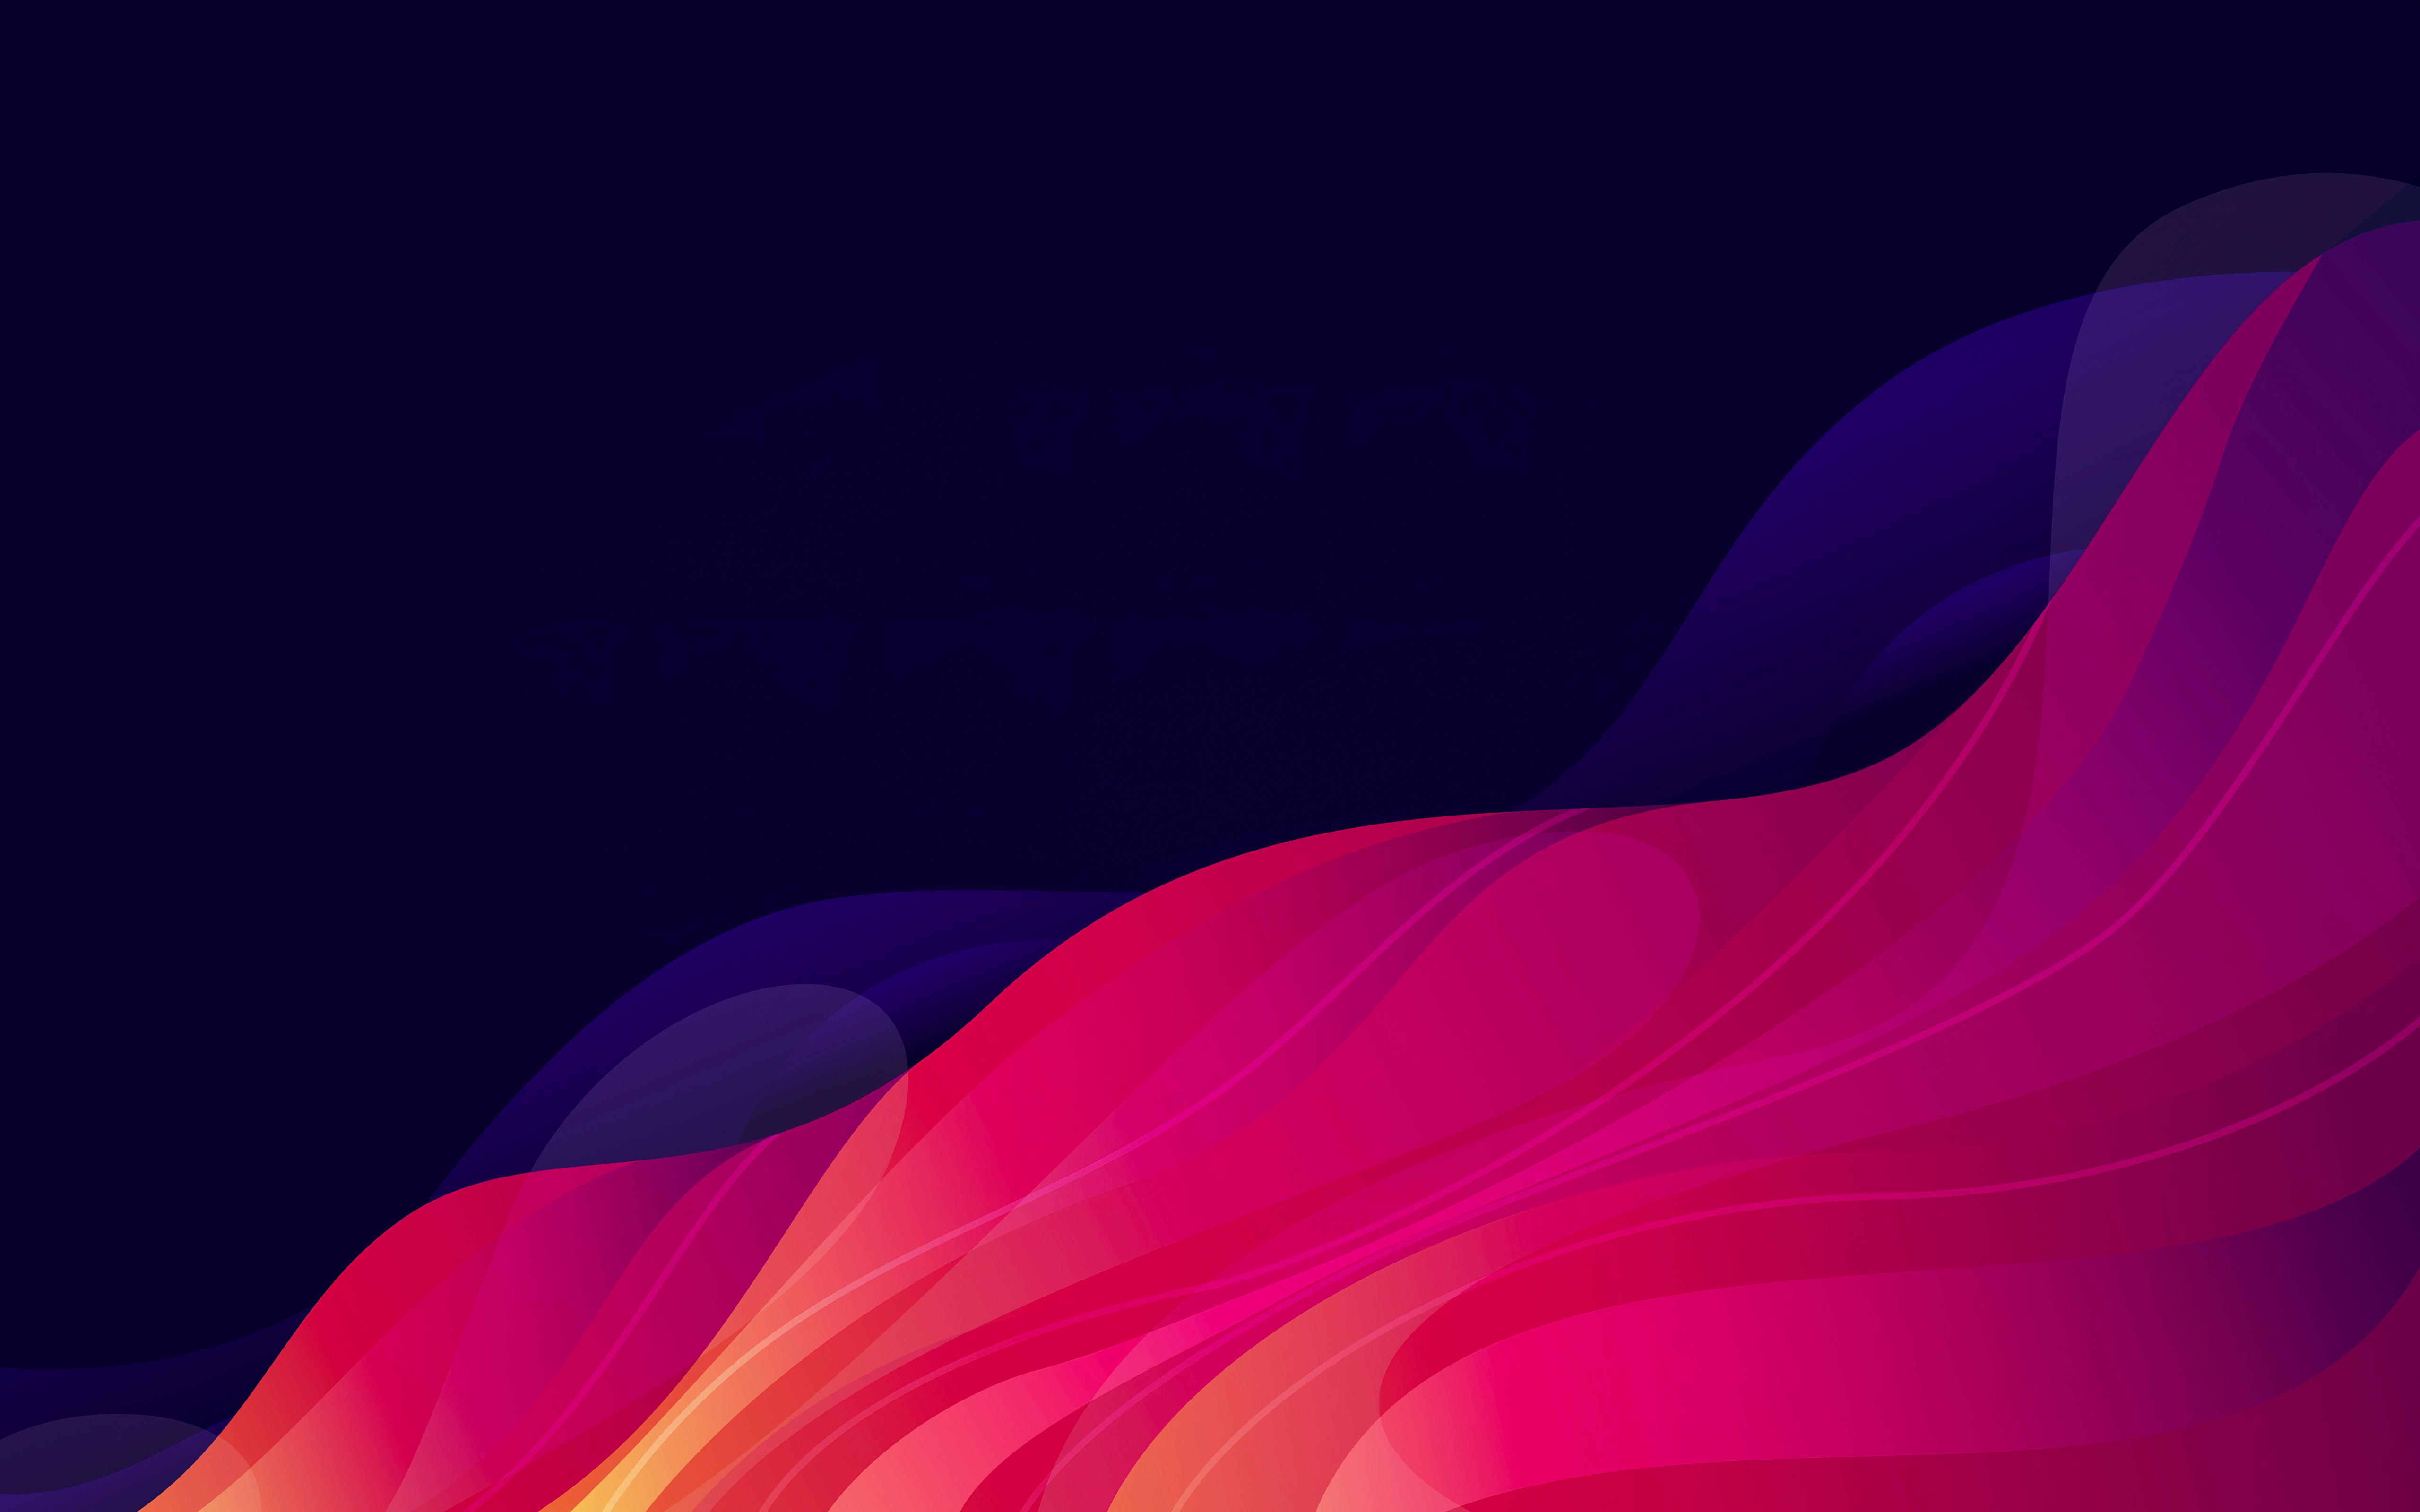 abstract waving 4k 1620165379 - Abstract Waving 4k - Abstract Waving 4k wallpapers